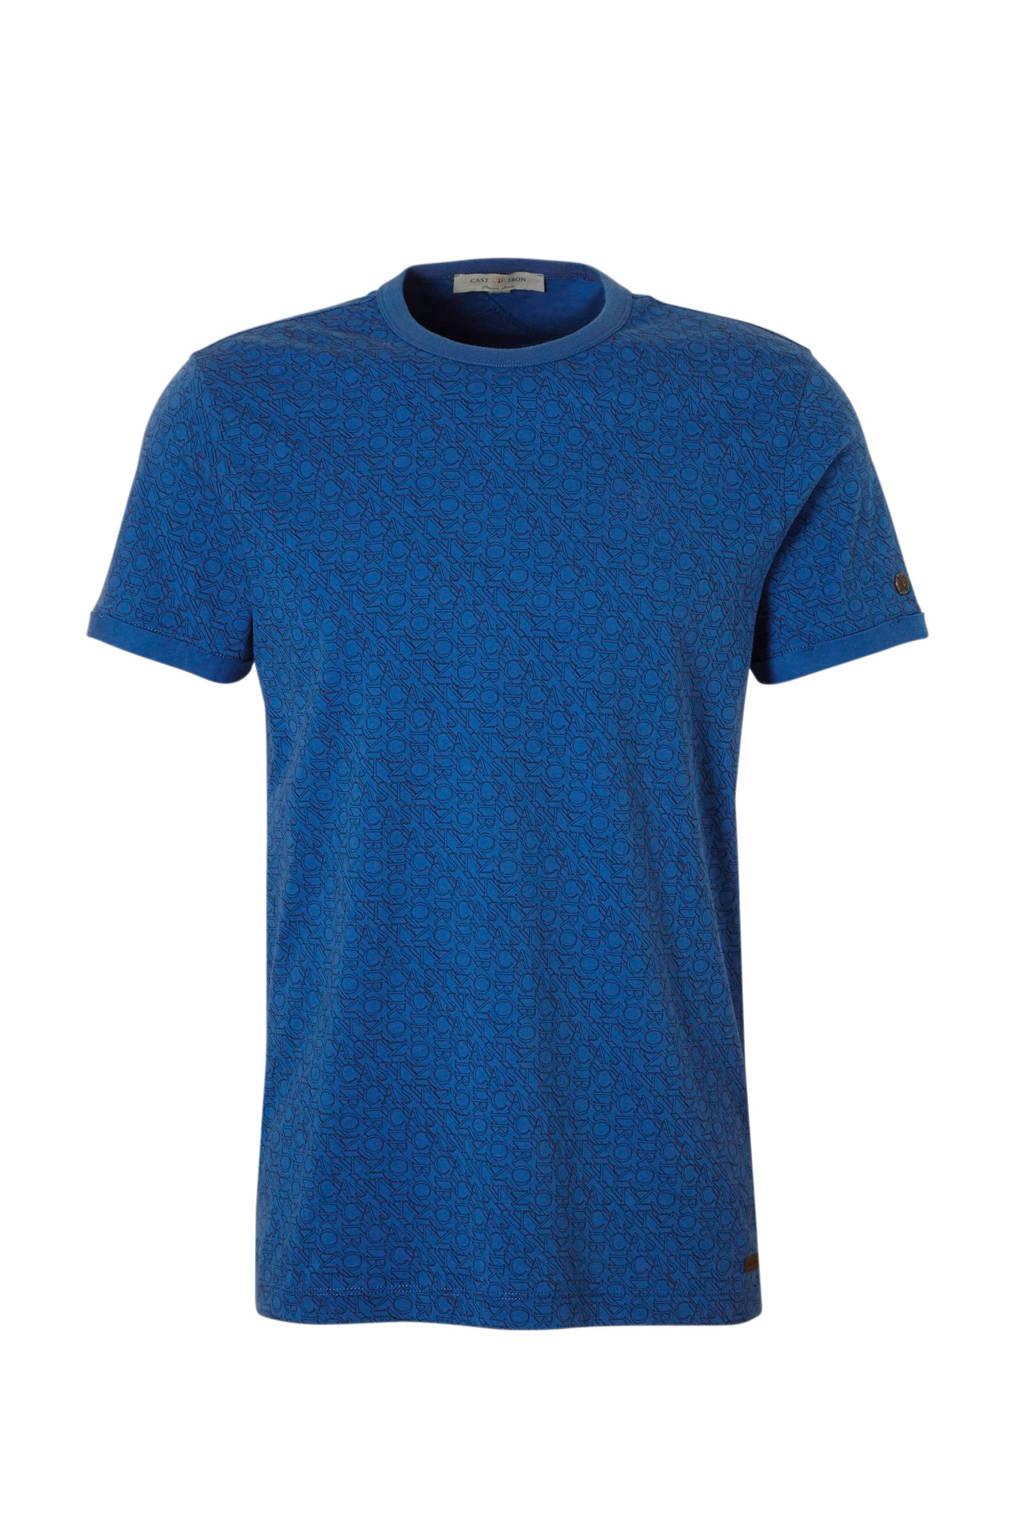 Cast Iron Logo AOP T-shirt blauw, blauw/ zwart